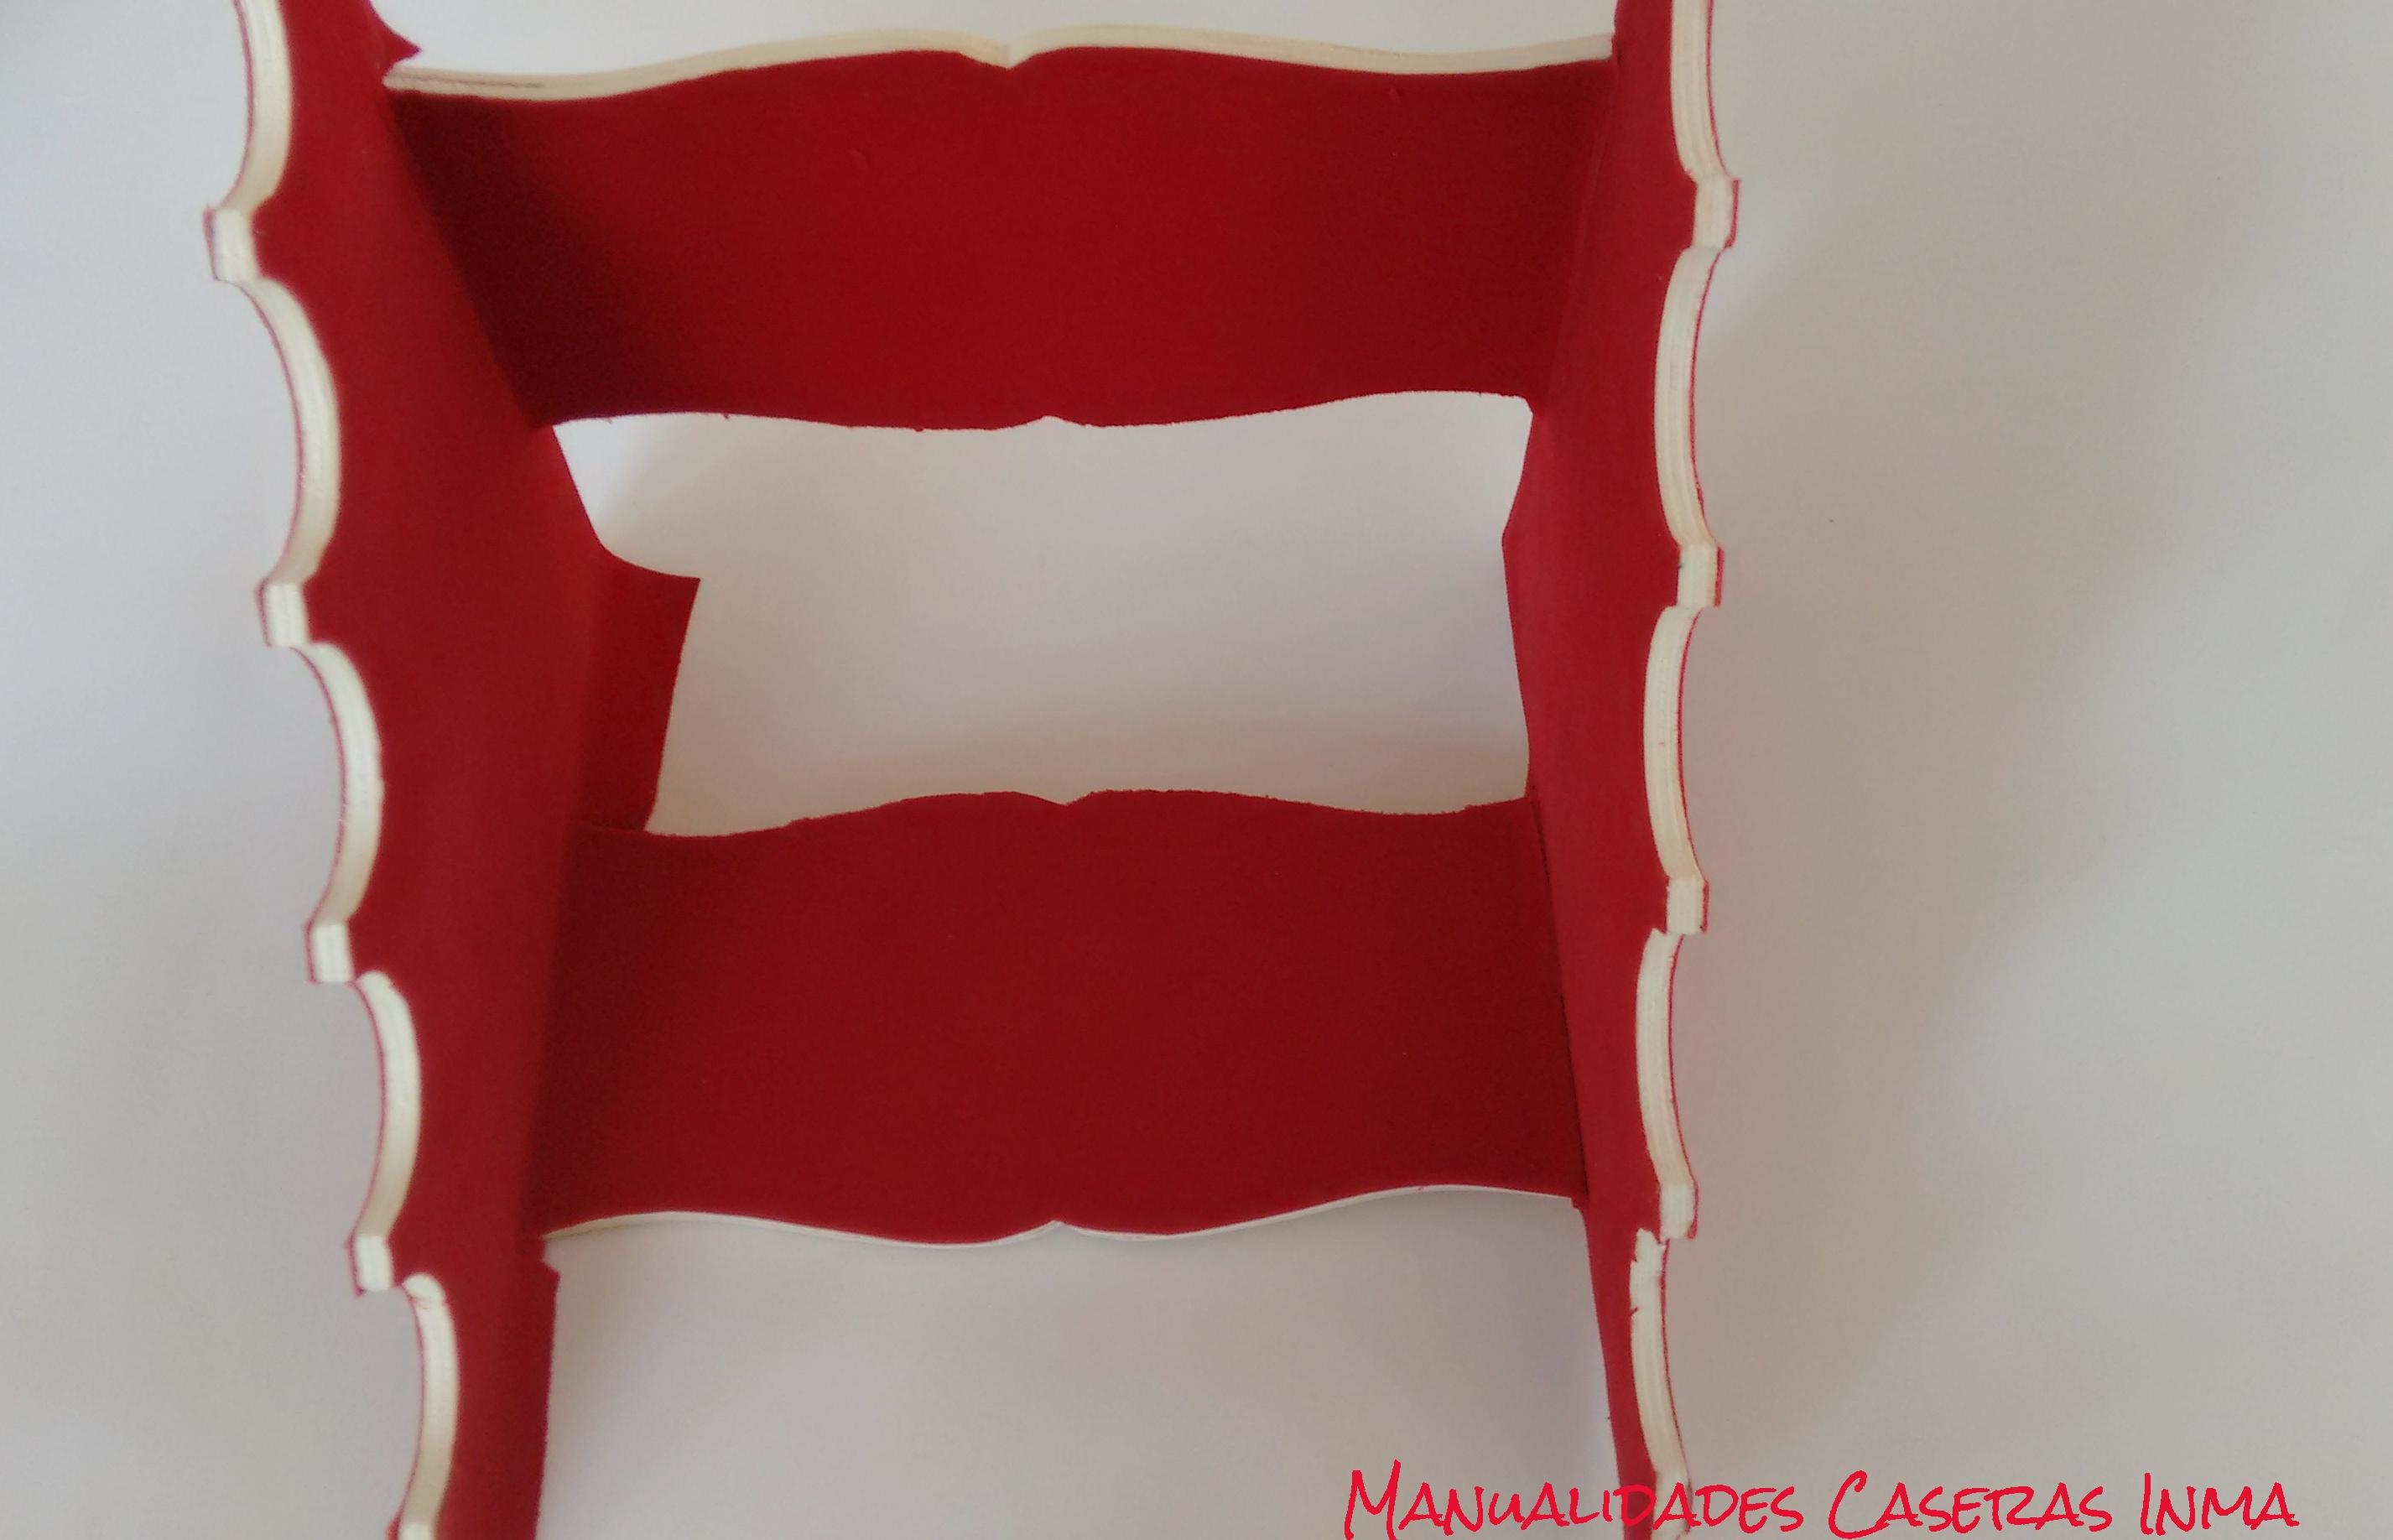 Manualidades Caseras Inma_ Organizador porta pulseras como pegar el adhesivo de terciopelo rojo